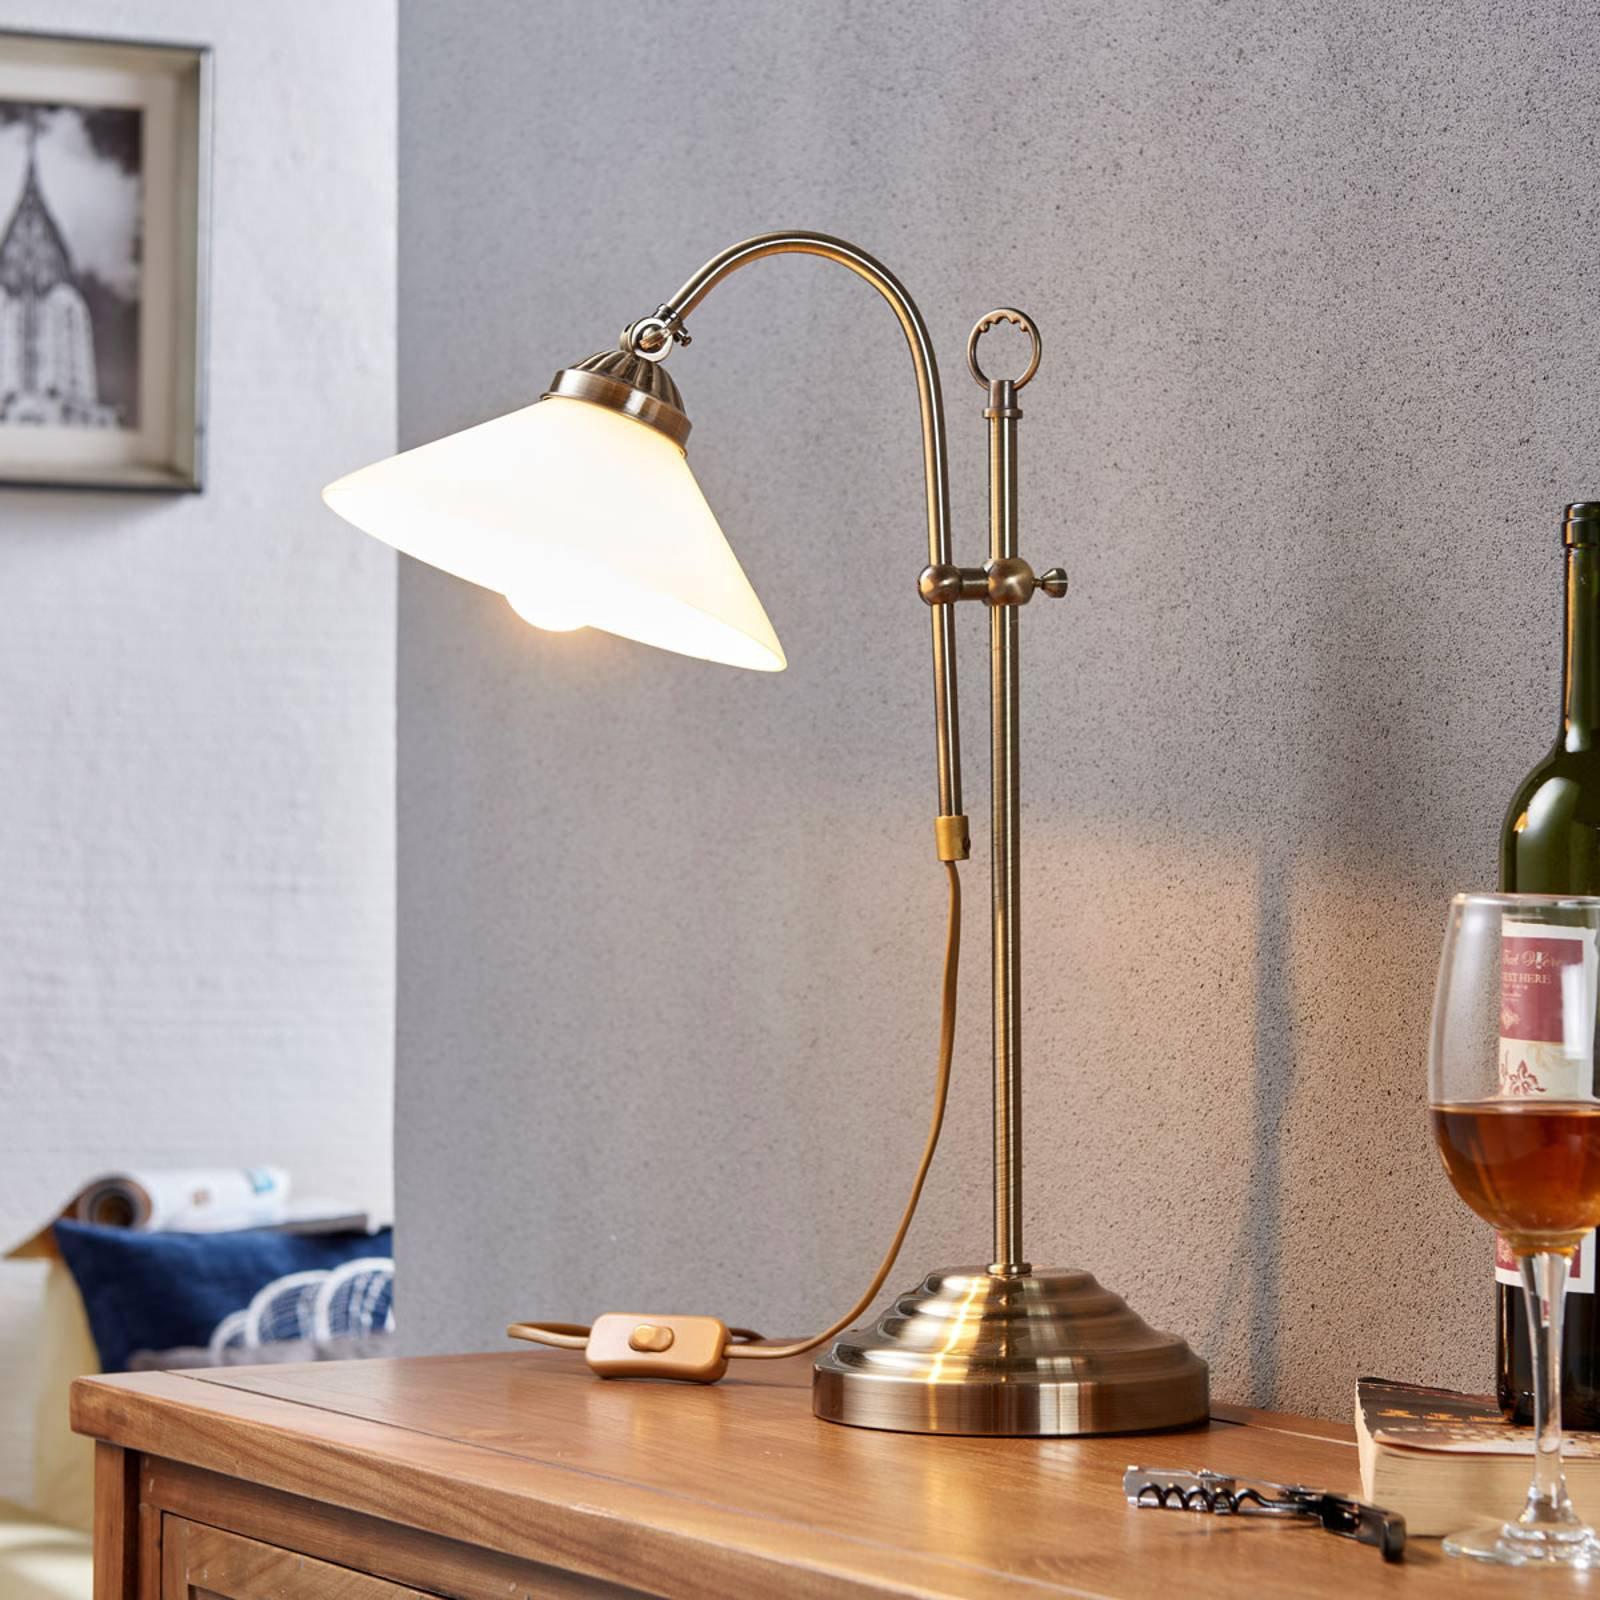 Klassisk bordlampe Otis i antikk messing